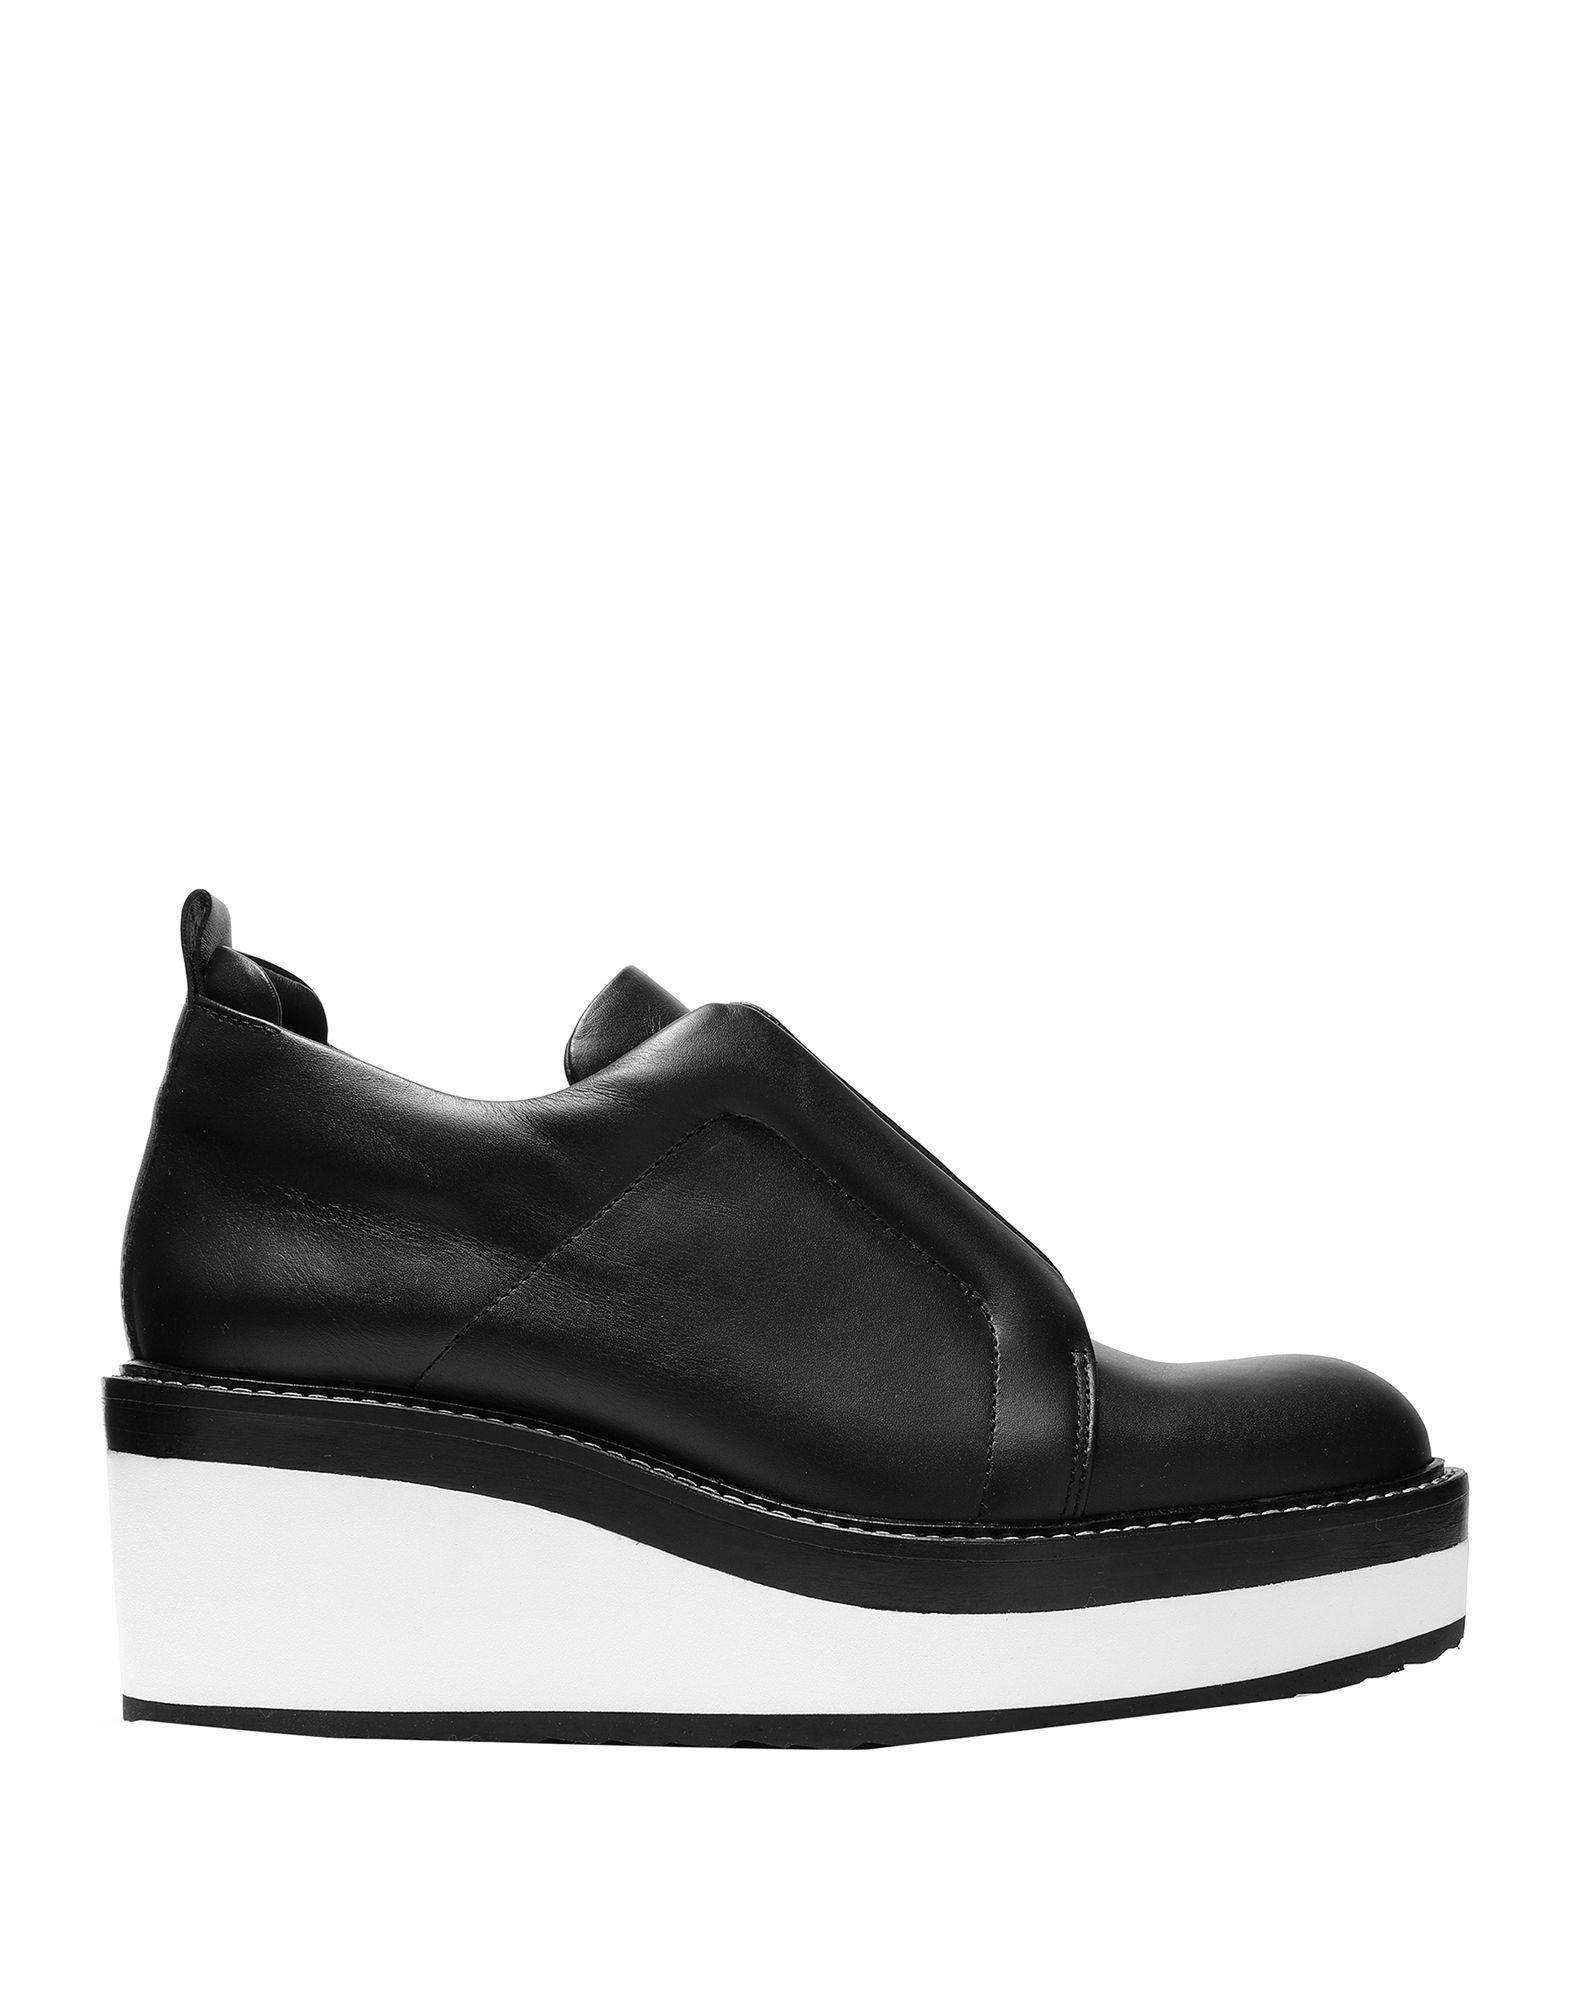 f5fe18d33d2 Lyst - Pierre Hardy Loafer in Black